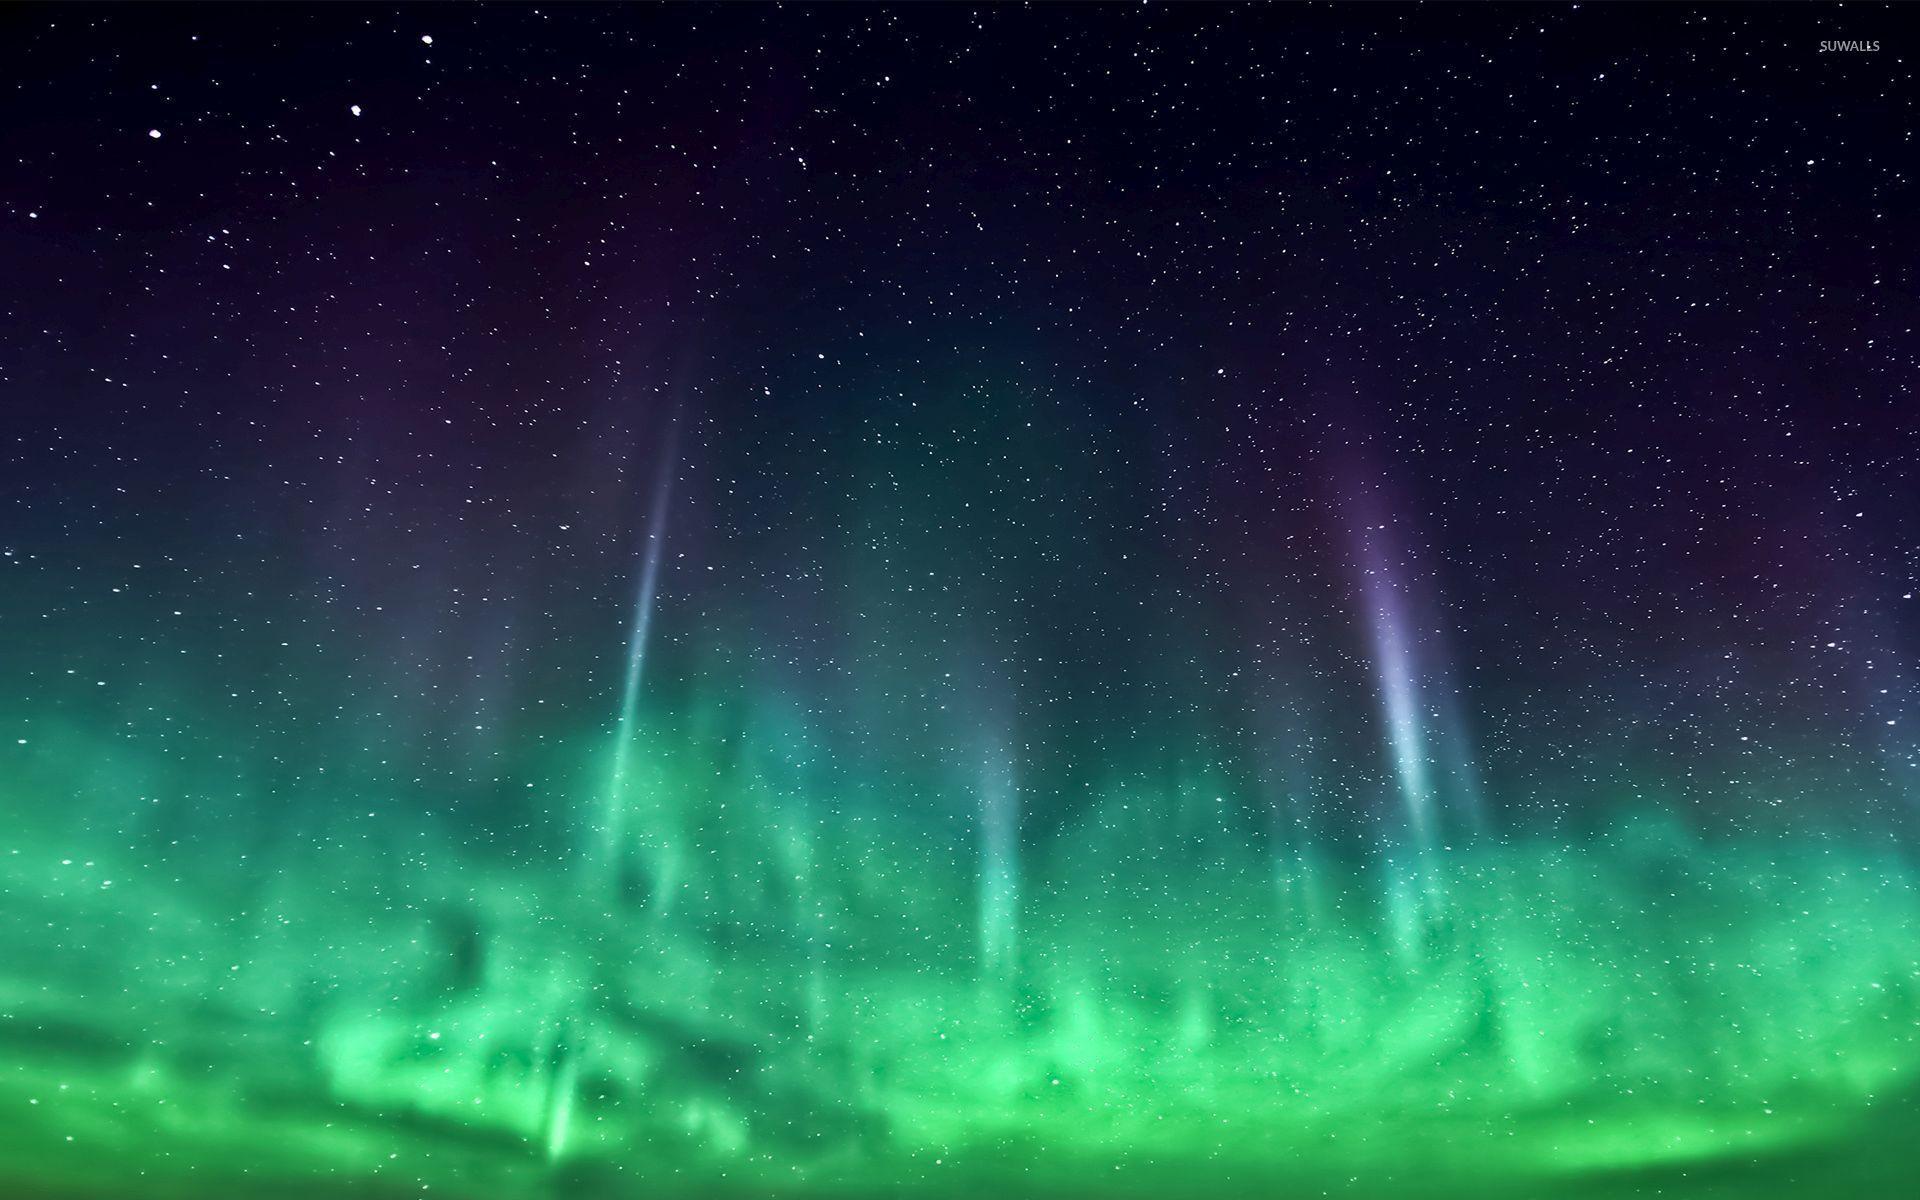 Light Green Iphone Wallpaper Aurora 3 Wallpaper Space Wallpapers 32417